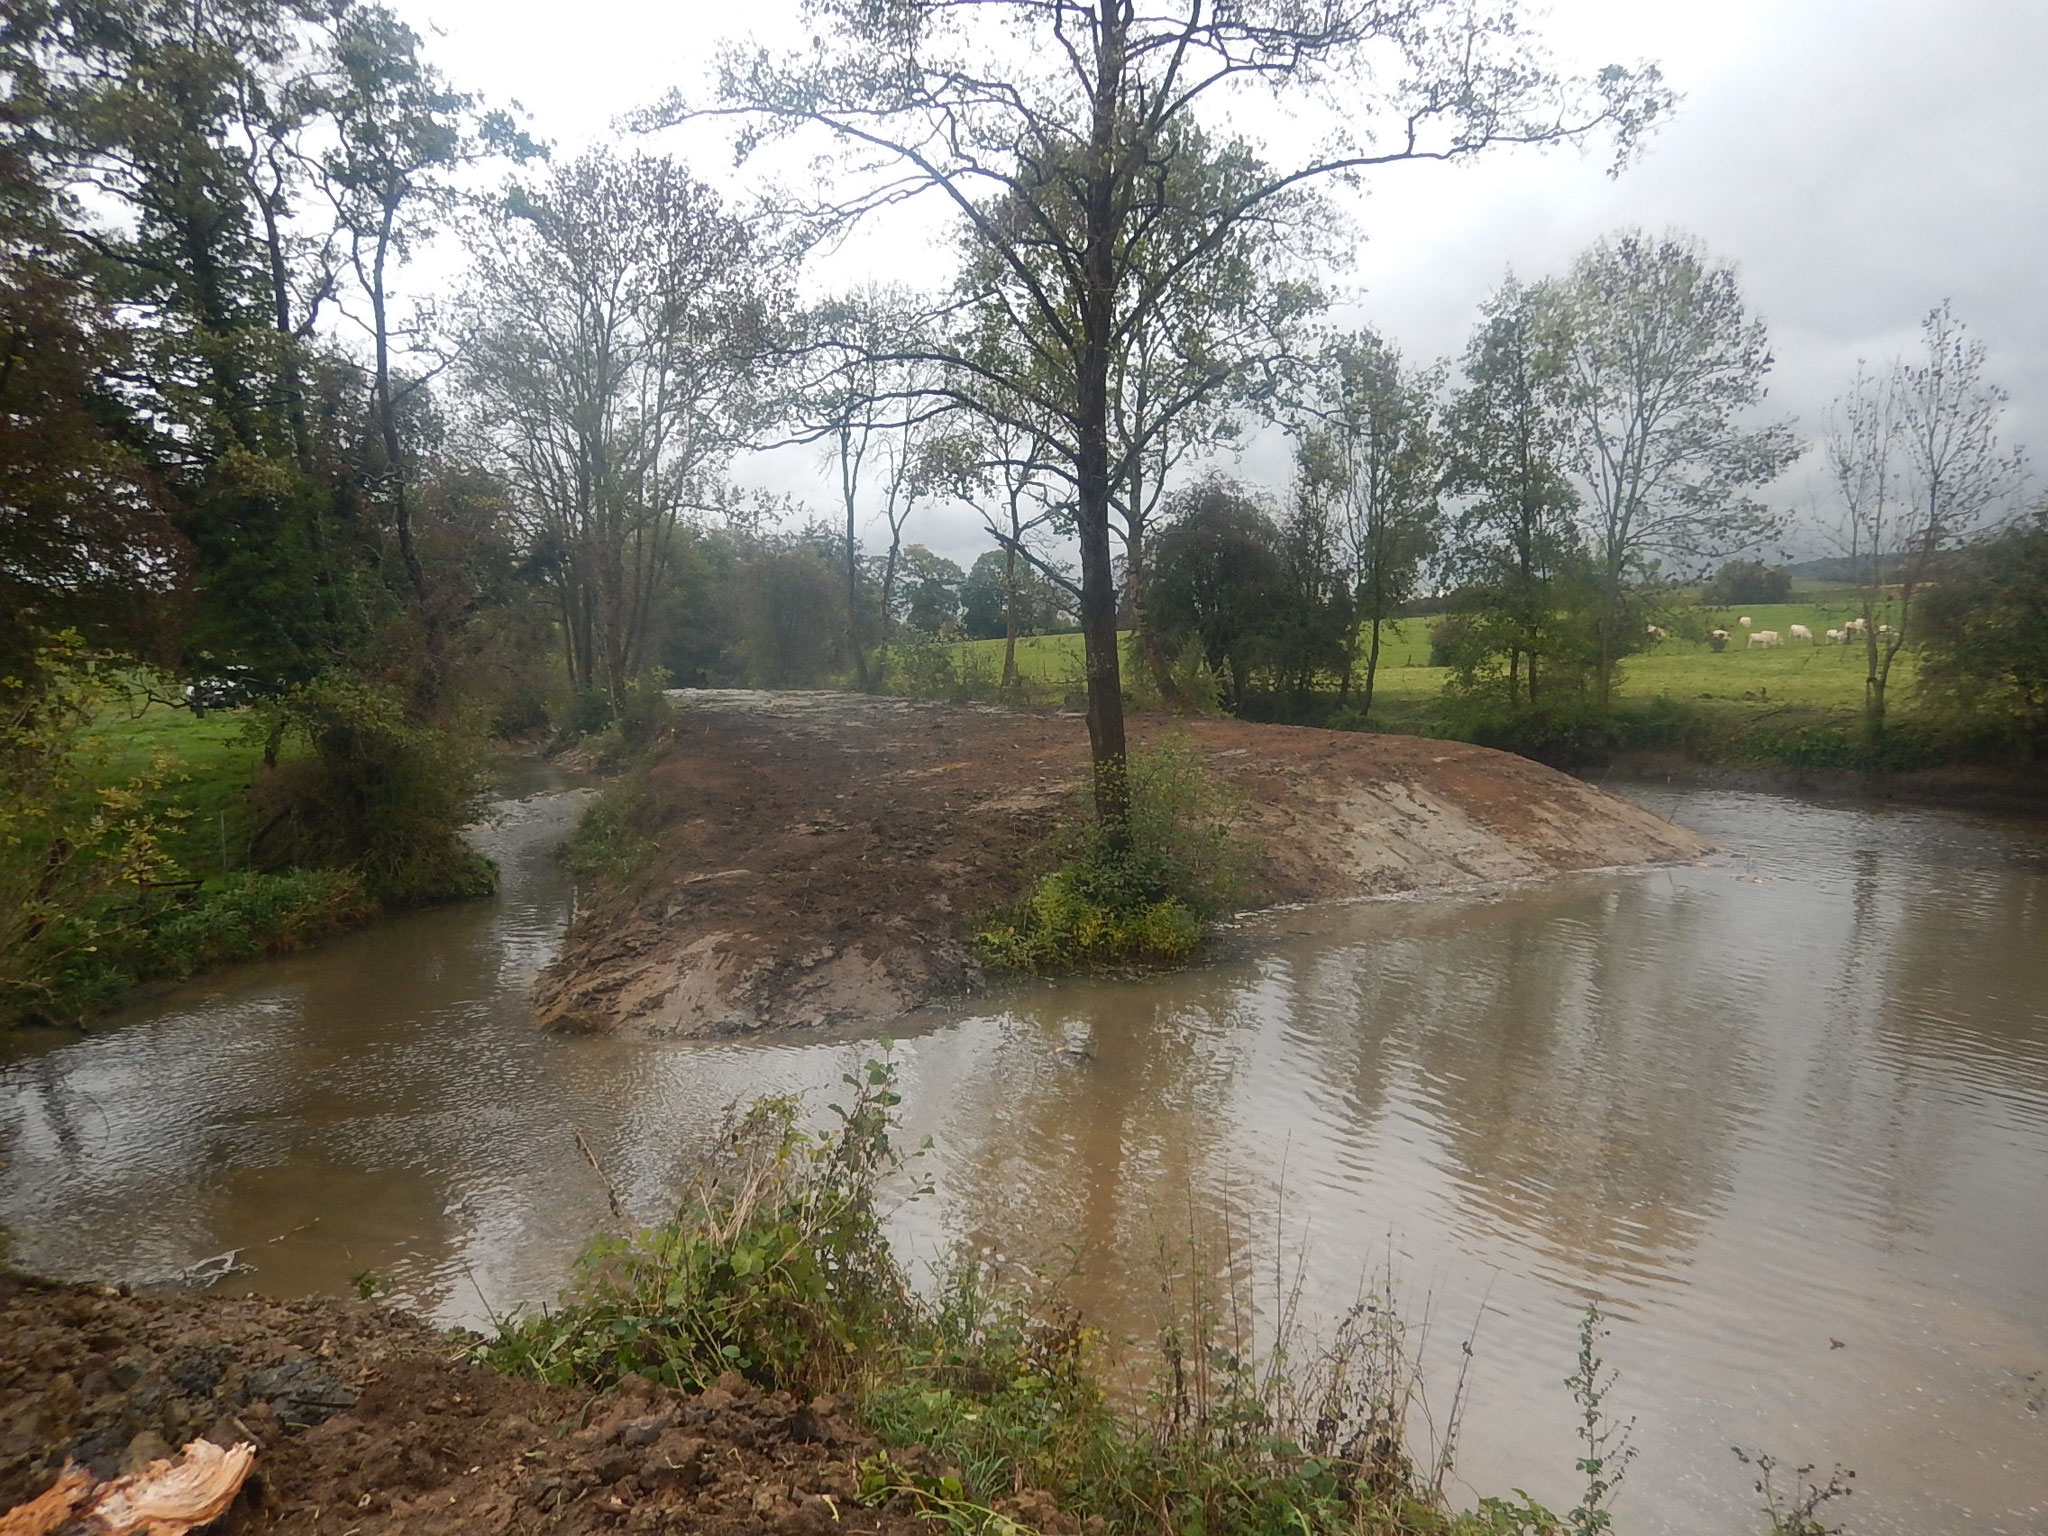 Rétablissement des écoulements au niveau des deux bras de la rivière.